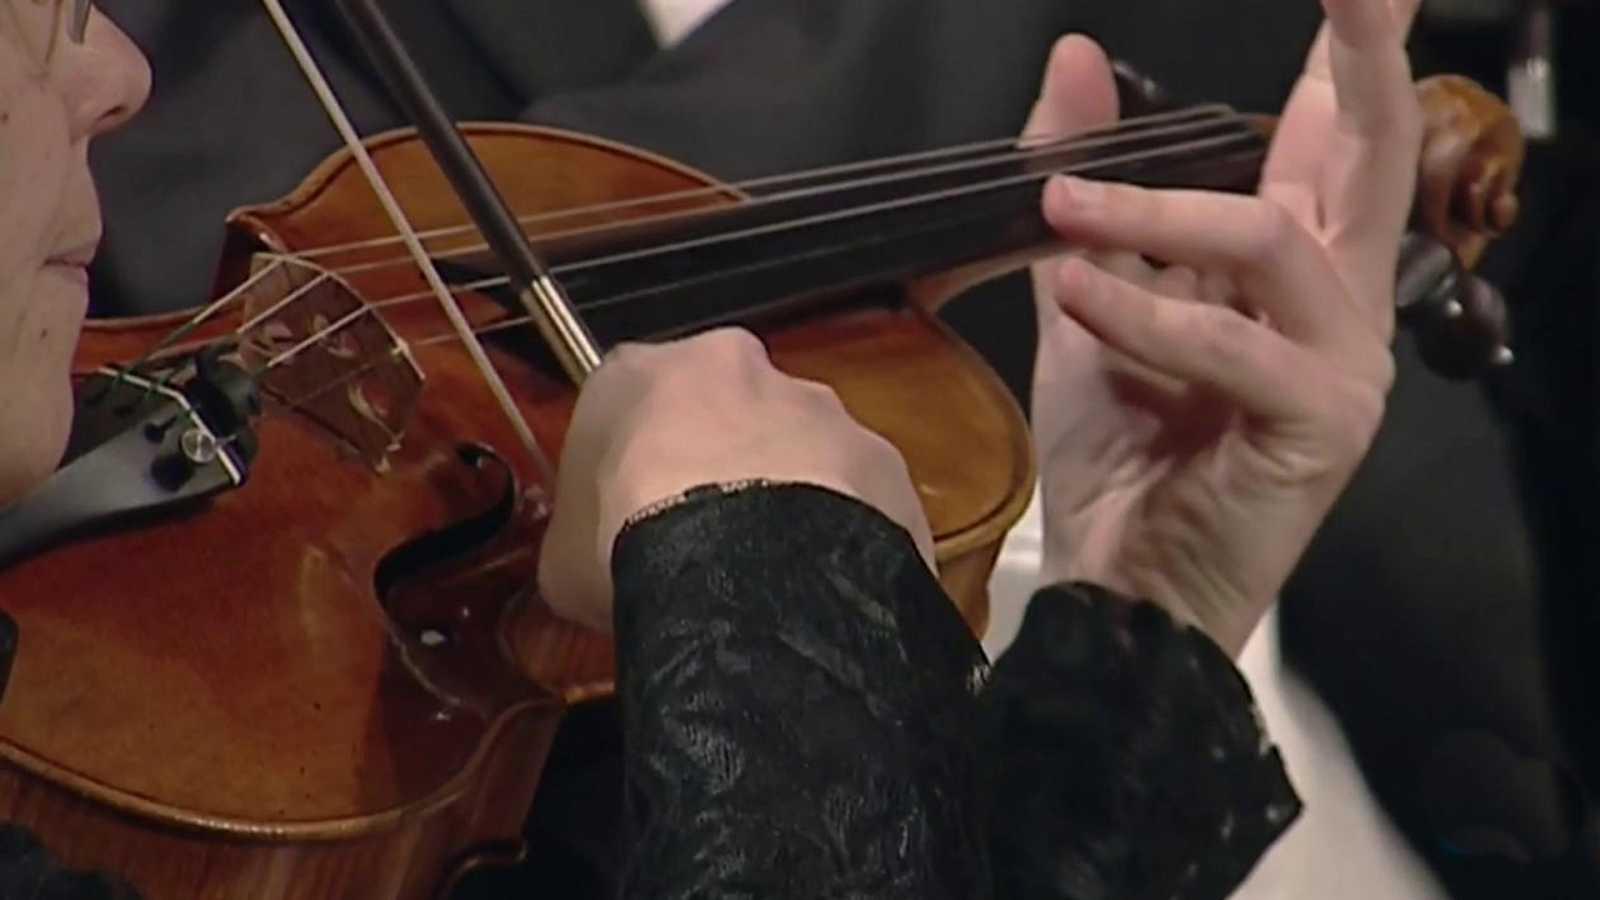 Los conciertos de La 2 - IBERMÚSICA: Orquesta Filarmónica de Oslo (2ª parte) - ver ahora